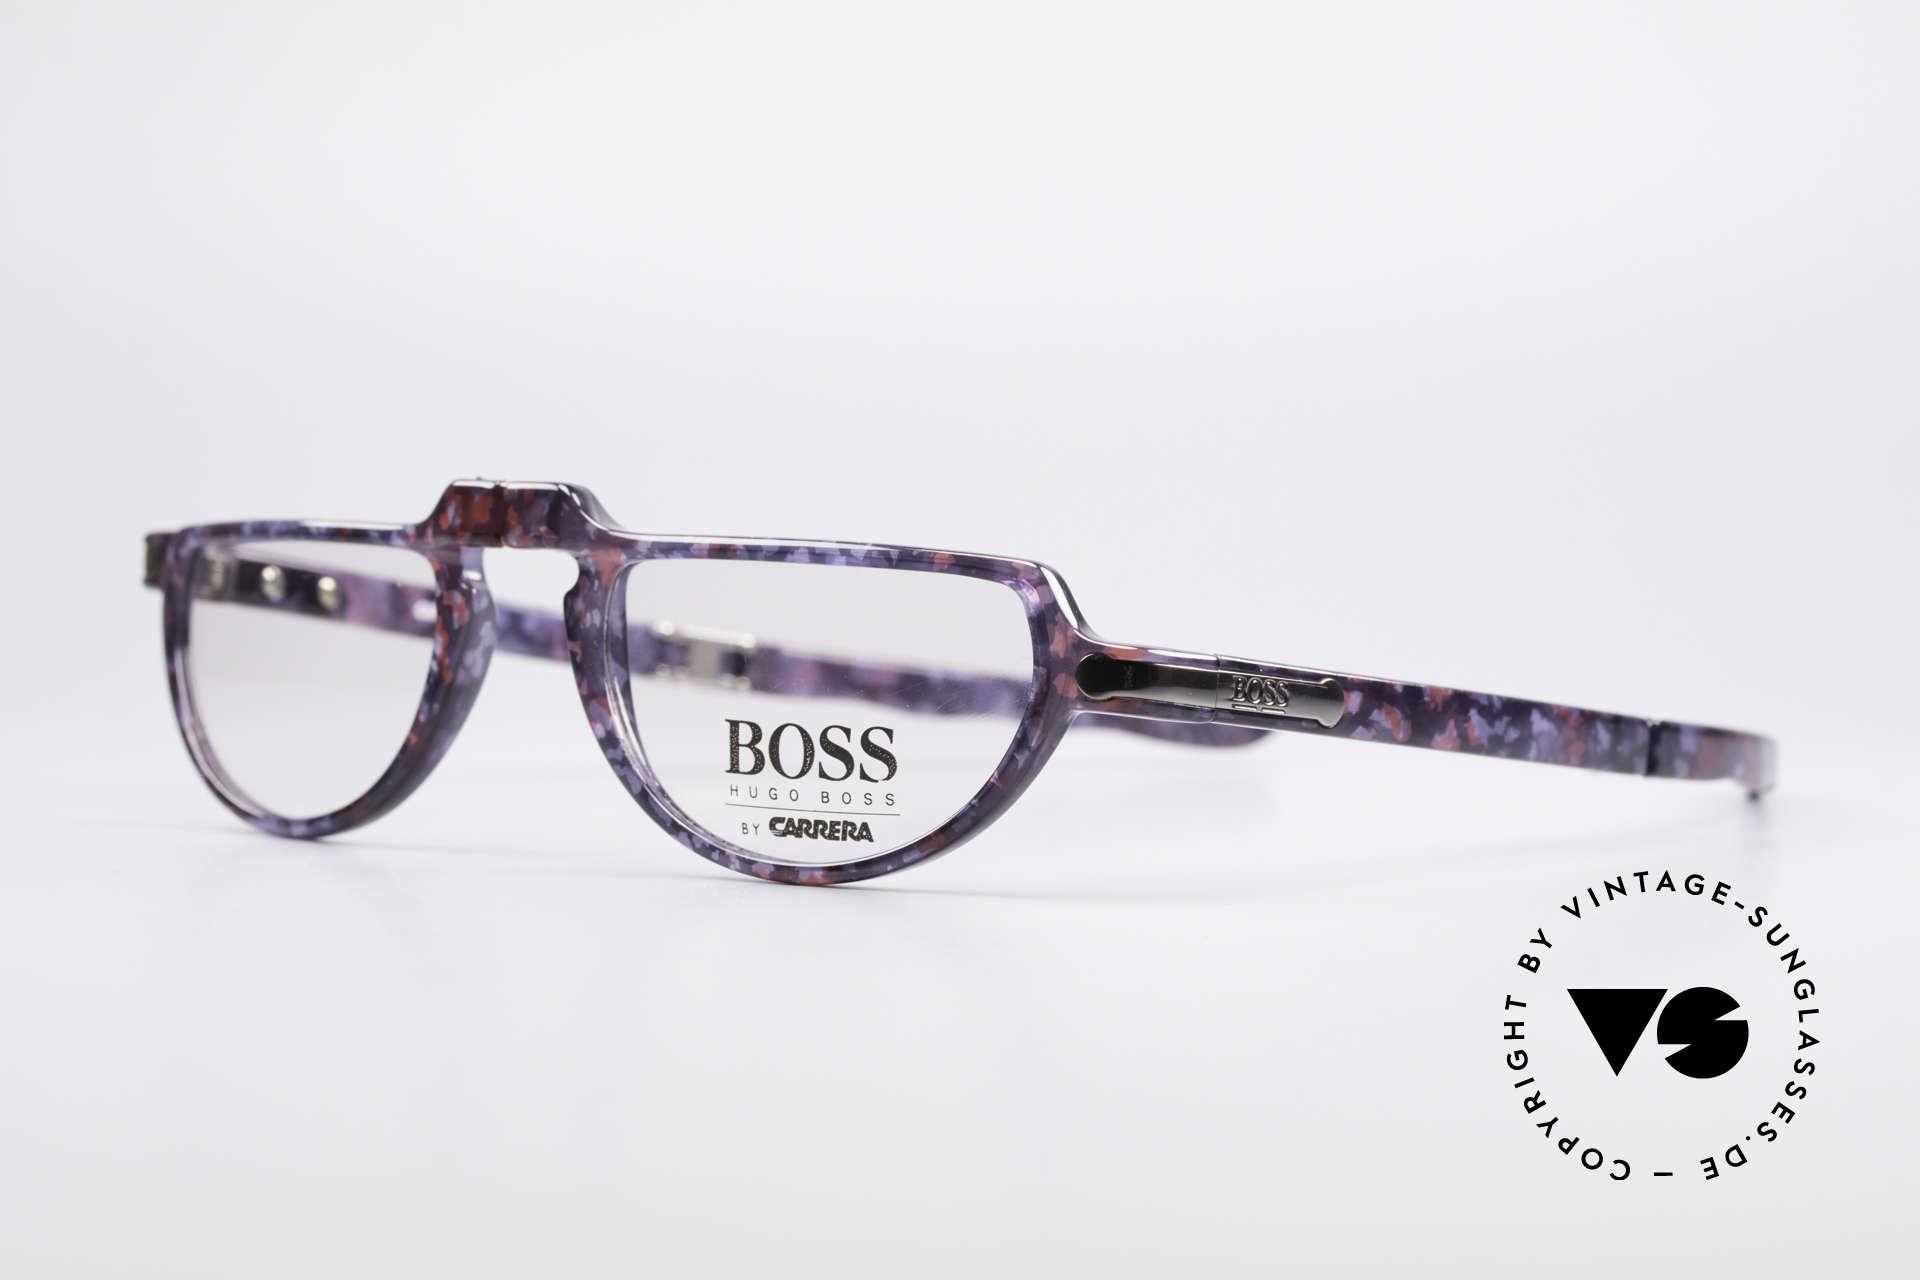 BOSS 5103 Vintage Falt Lesebrille 90er, Rahmen aus enorm hochwertigem OPTYL-Kunststoff, Passend für Herren und Damen